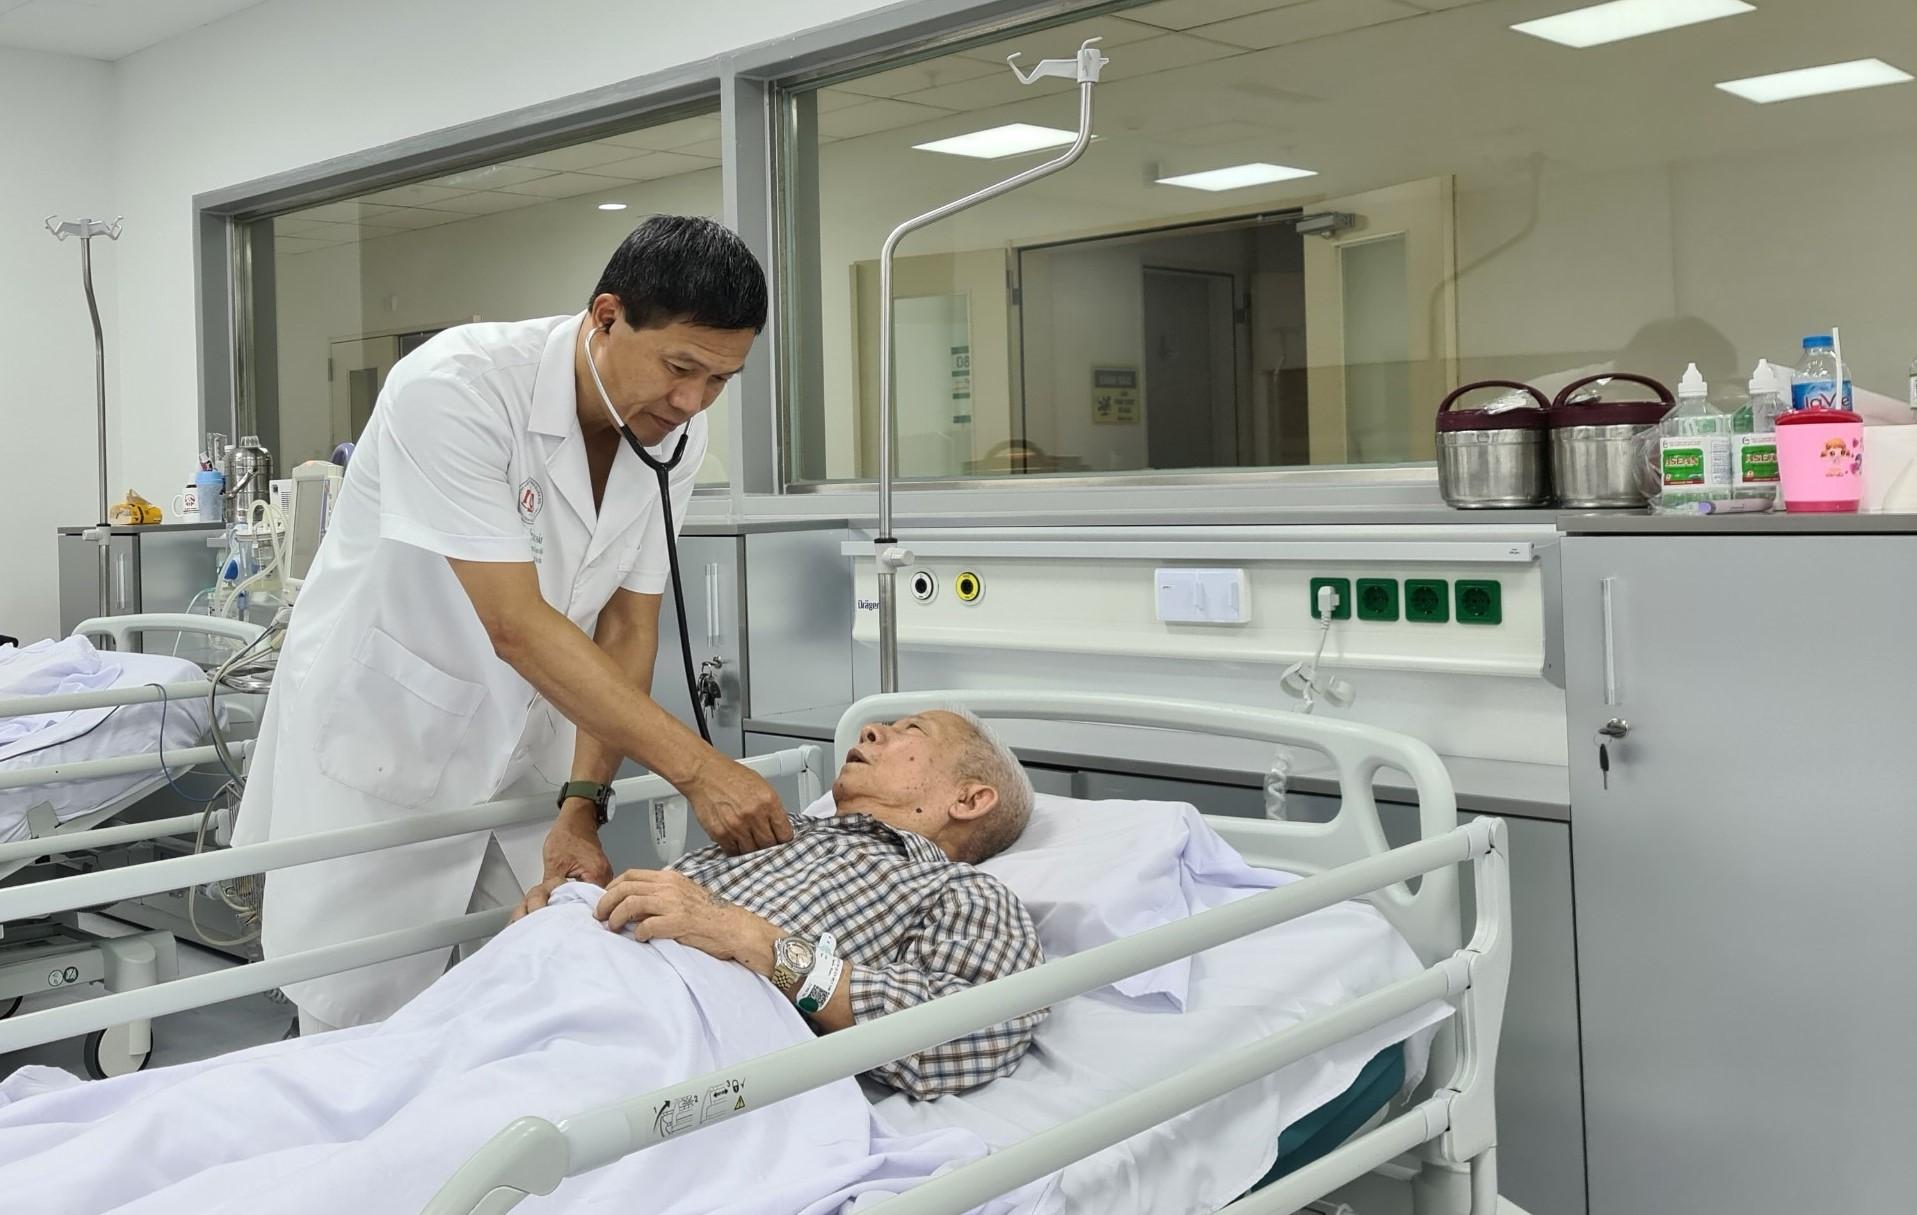 Bỏ điều trị tăng huyết áp, nhiều bệnh nhân gặp biến chứng nguy hiểm - Ảnh 3.